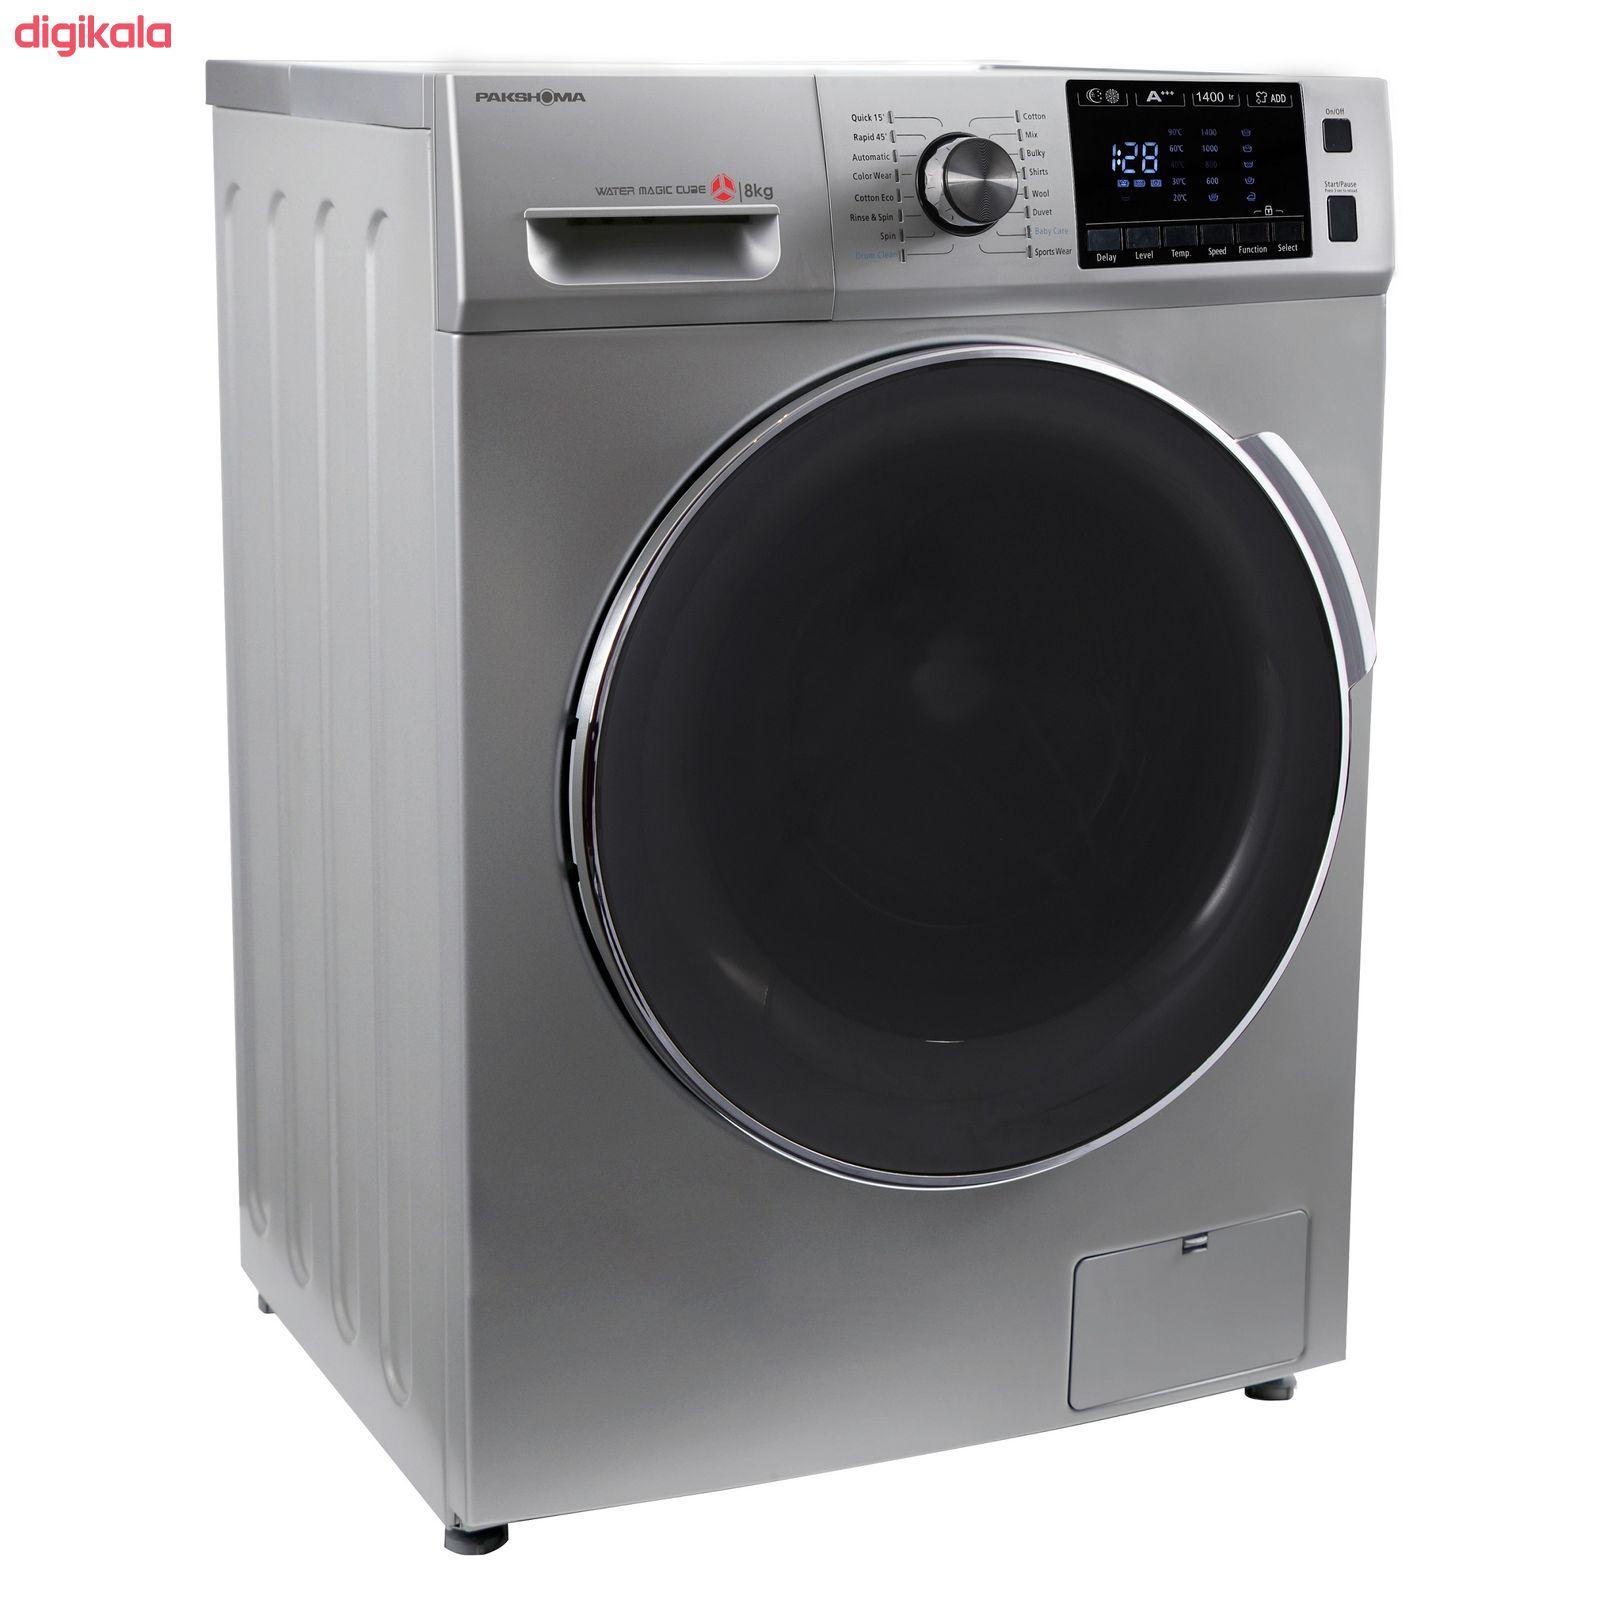 ماشین لباسشویی پاکشوما مدل TFU-84406 ظرفیت 8 کیلوگرم main 1 2